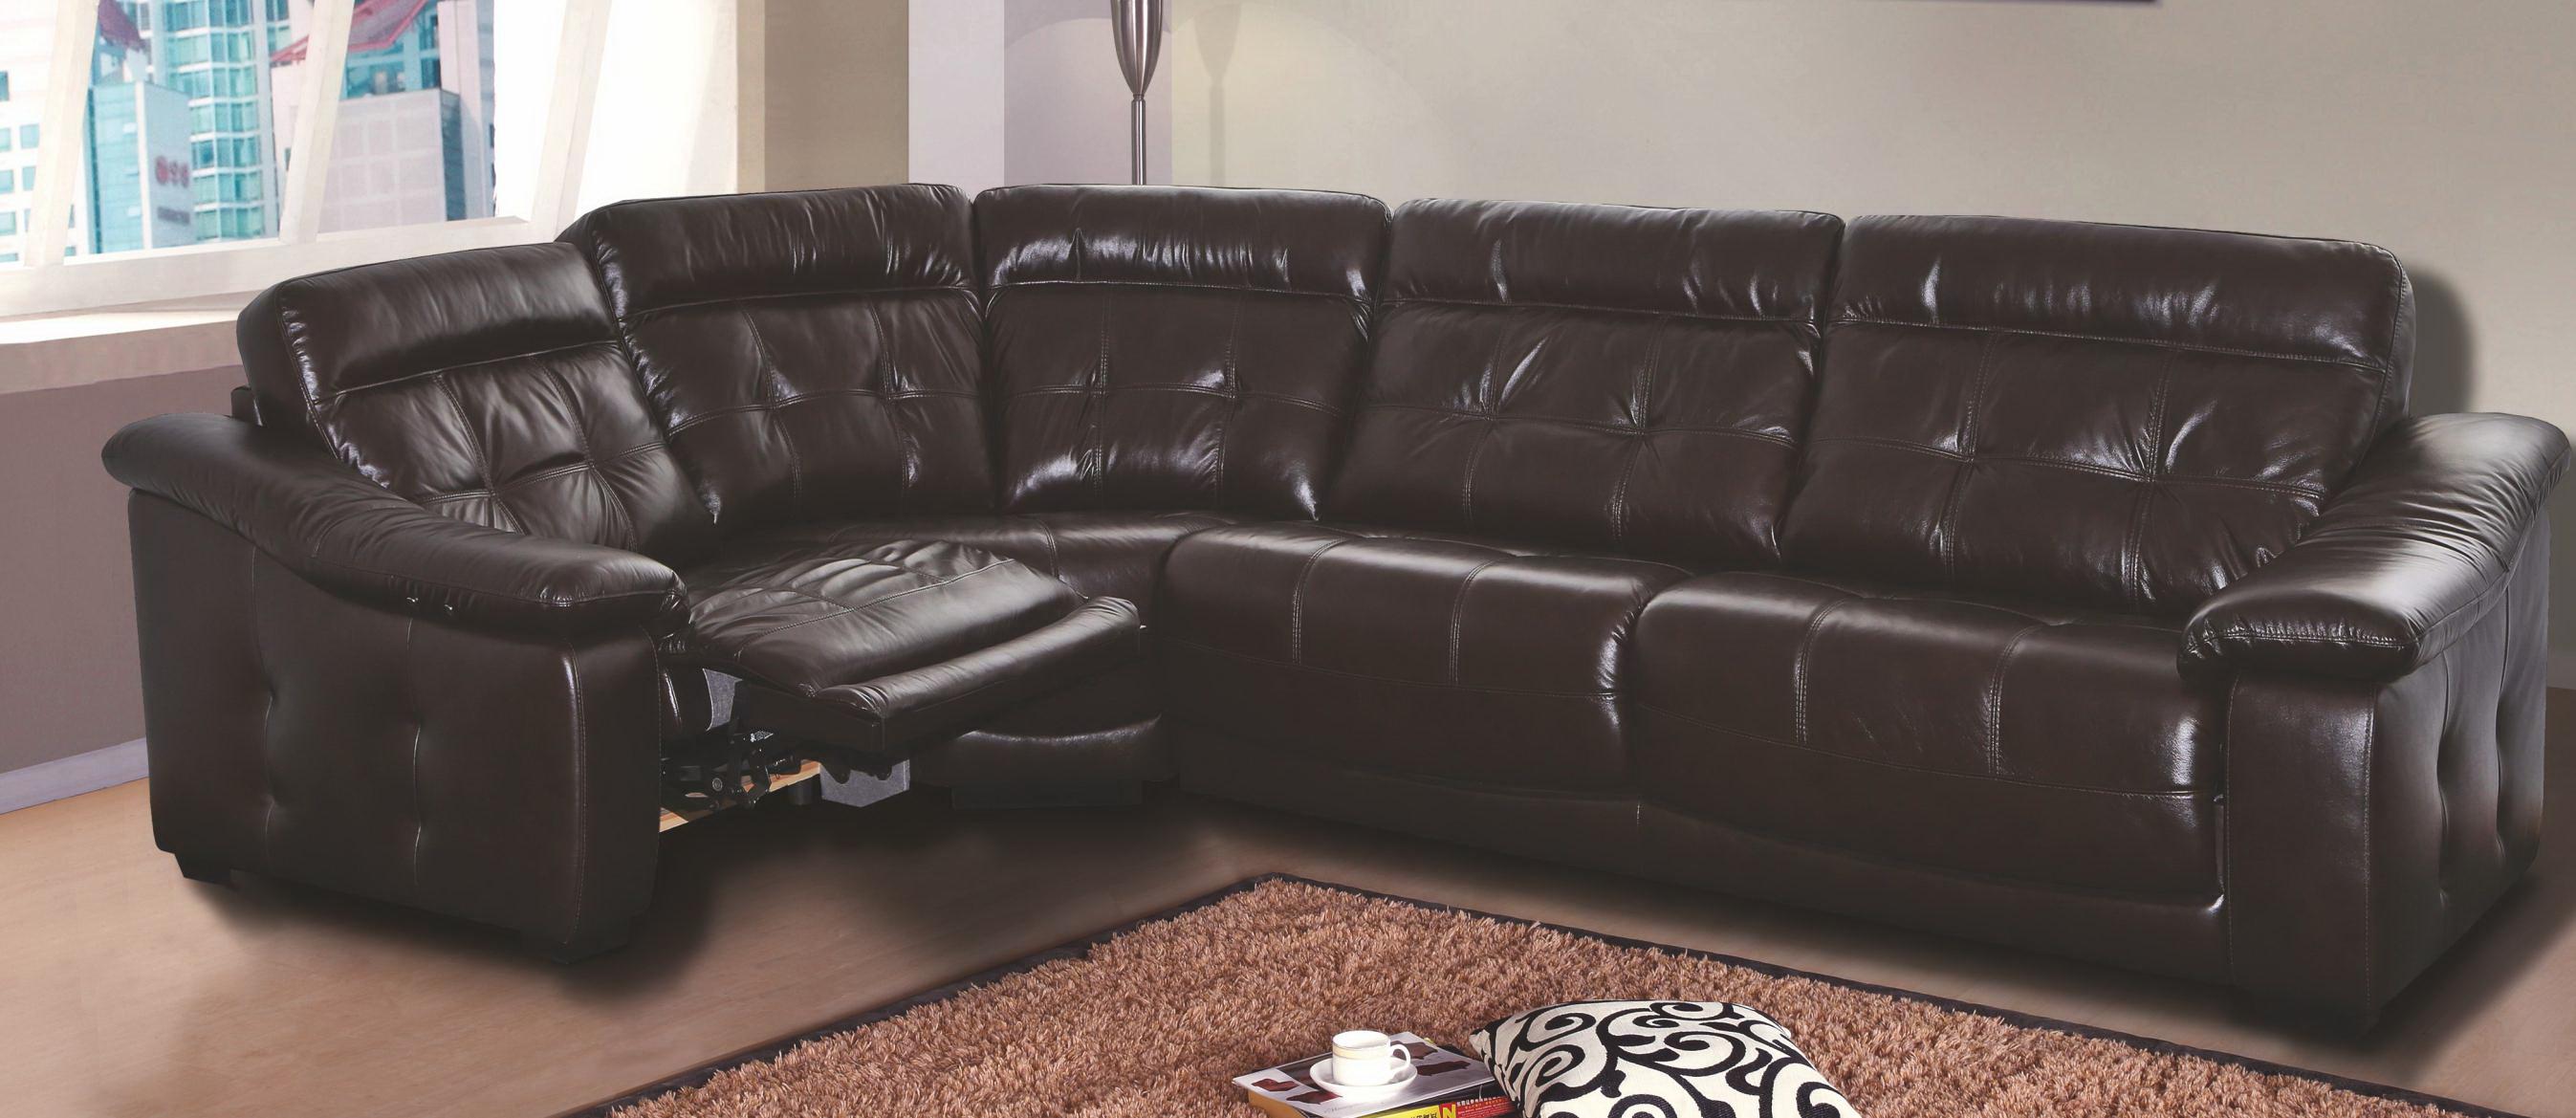 диван угловой пинскдрев мирано